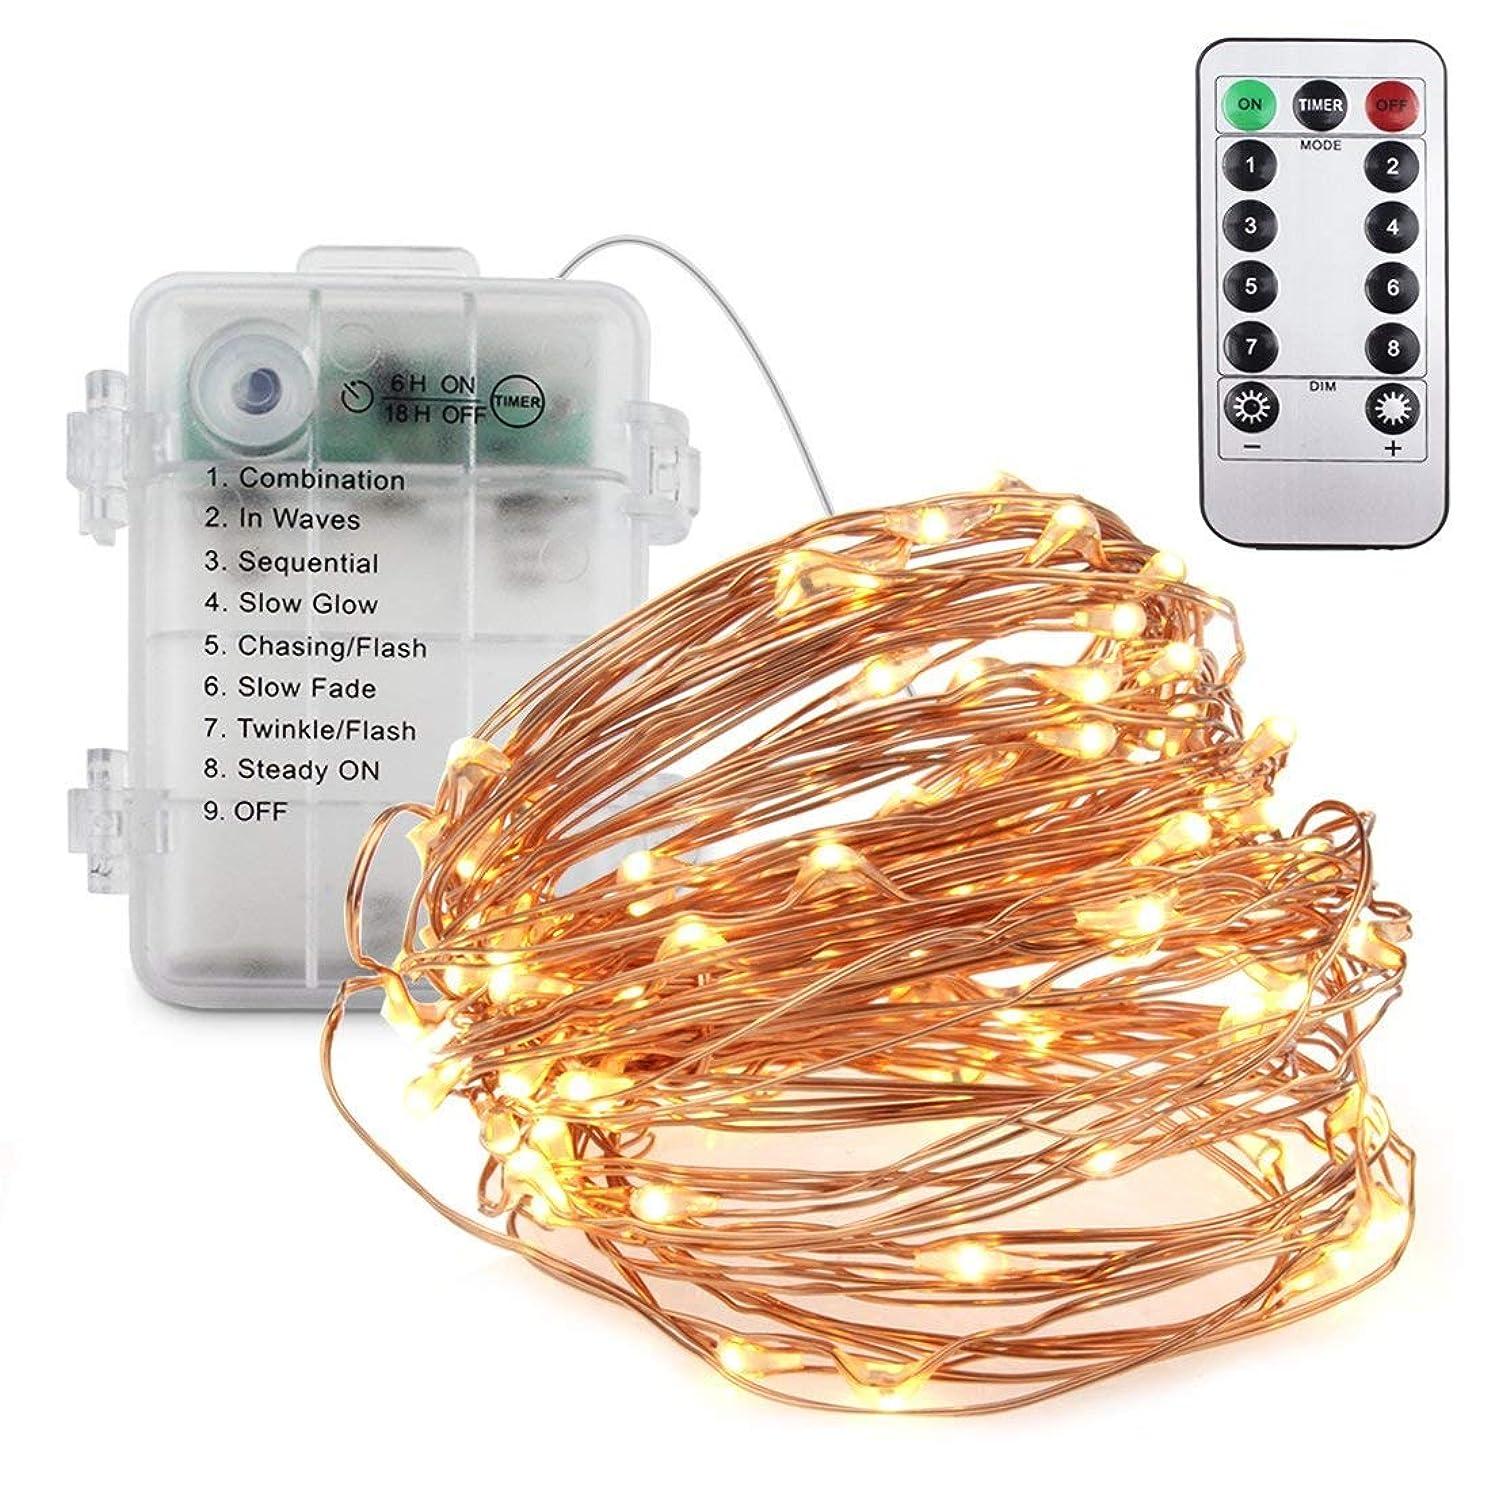 パーク下手船形LEDイルミネーションライト 飾り付け 電球100個 8つモード 明るさ調整可能 防水  パーティー  ハロウィン  乾電池式でソーラー式 SHEKAR